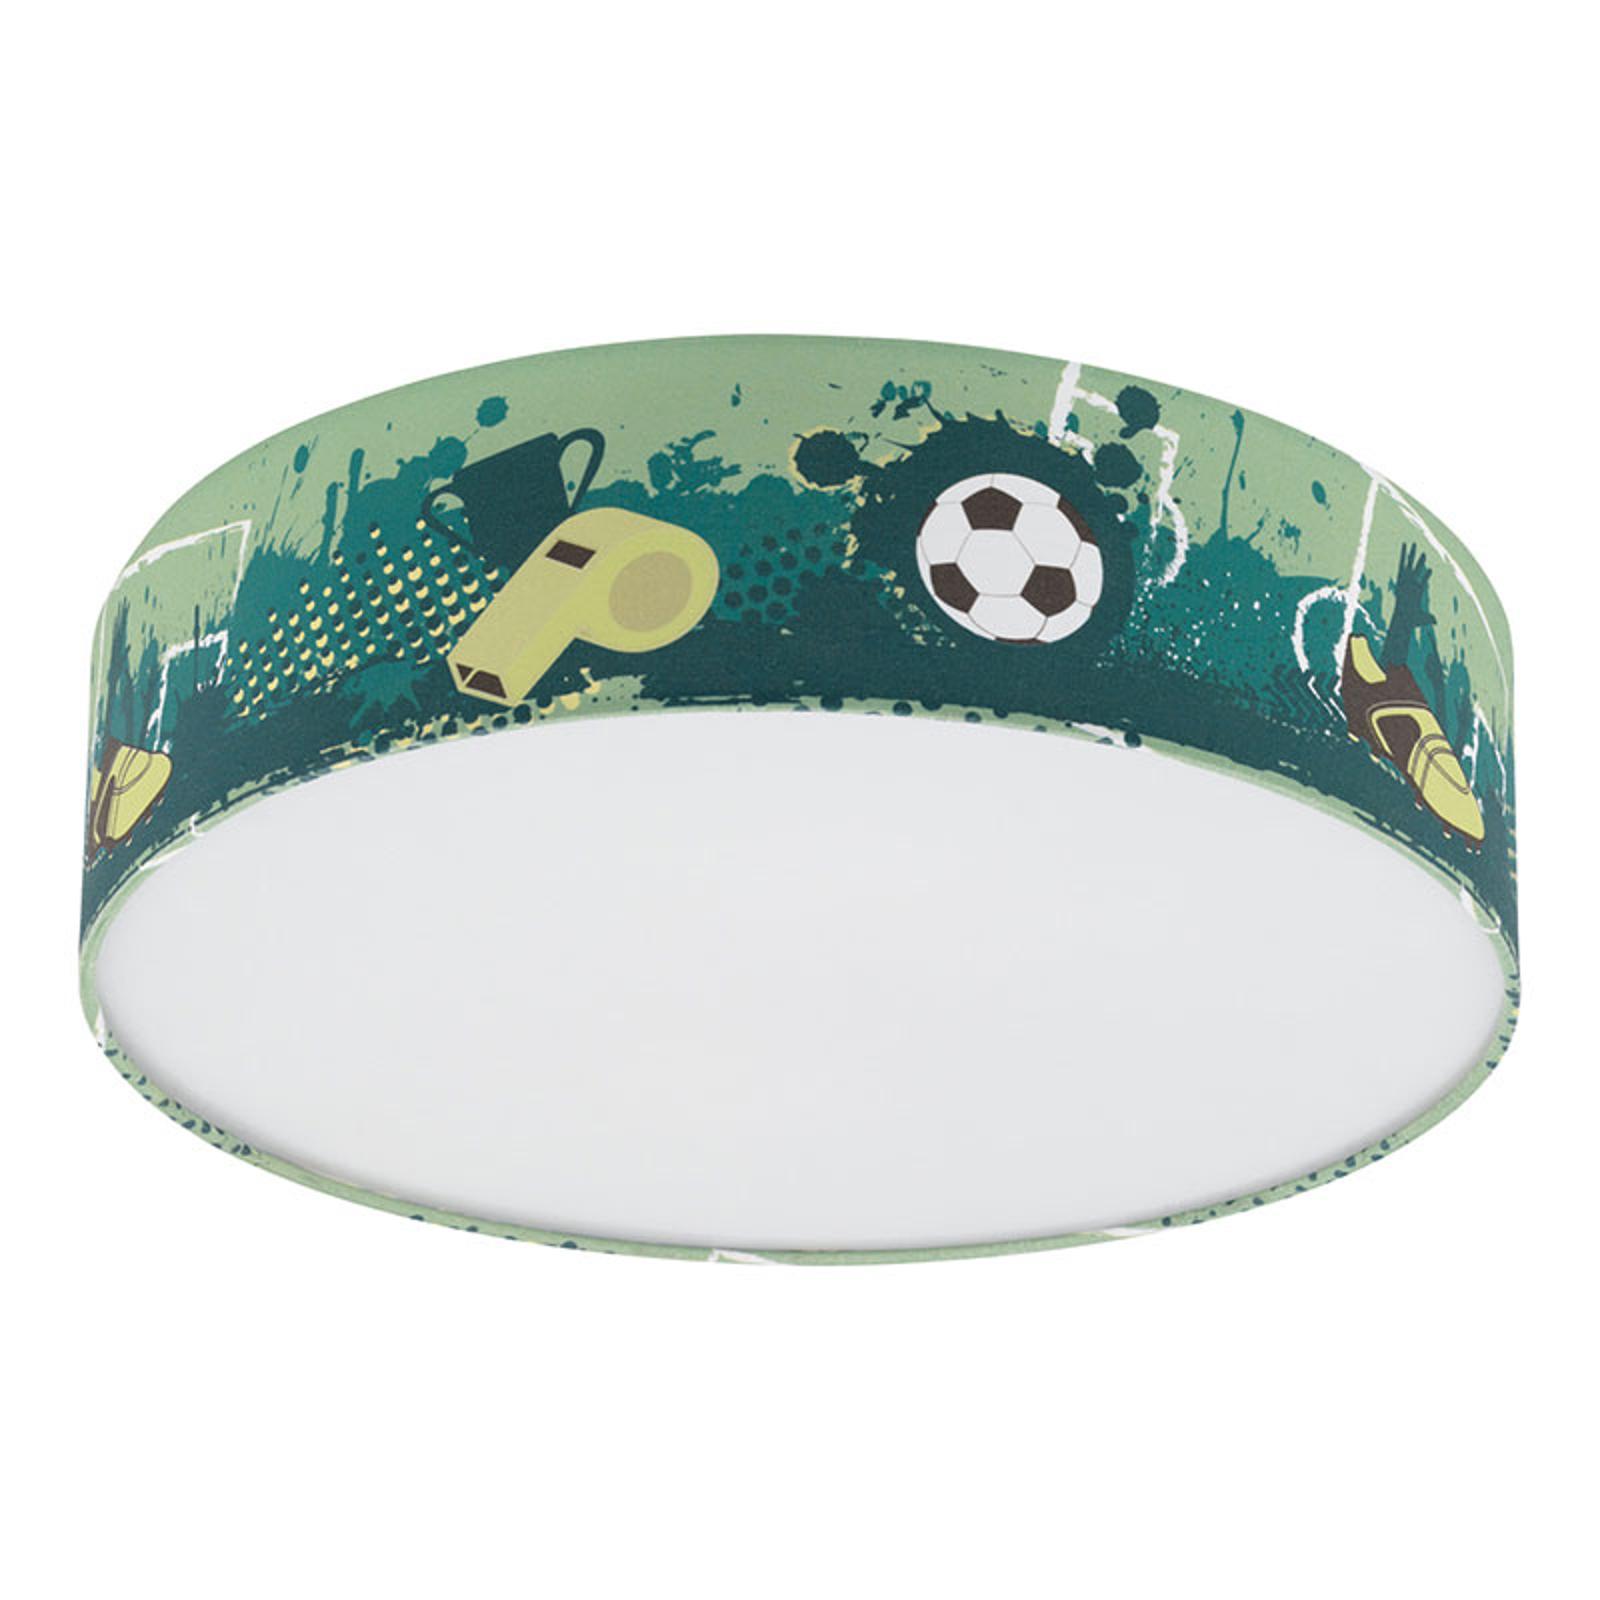 Stropné svietidlo Tabara futbalový motív textil_3032228_1